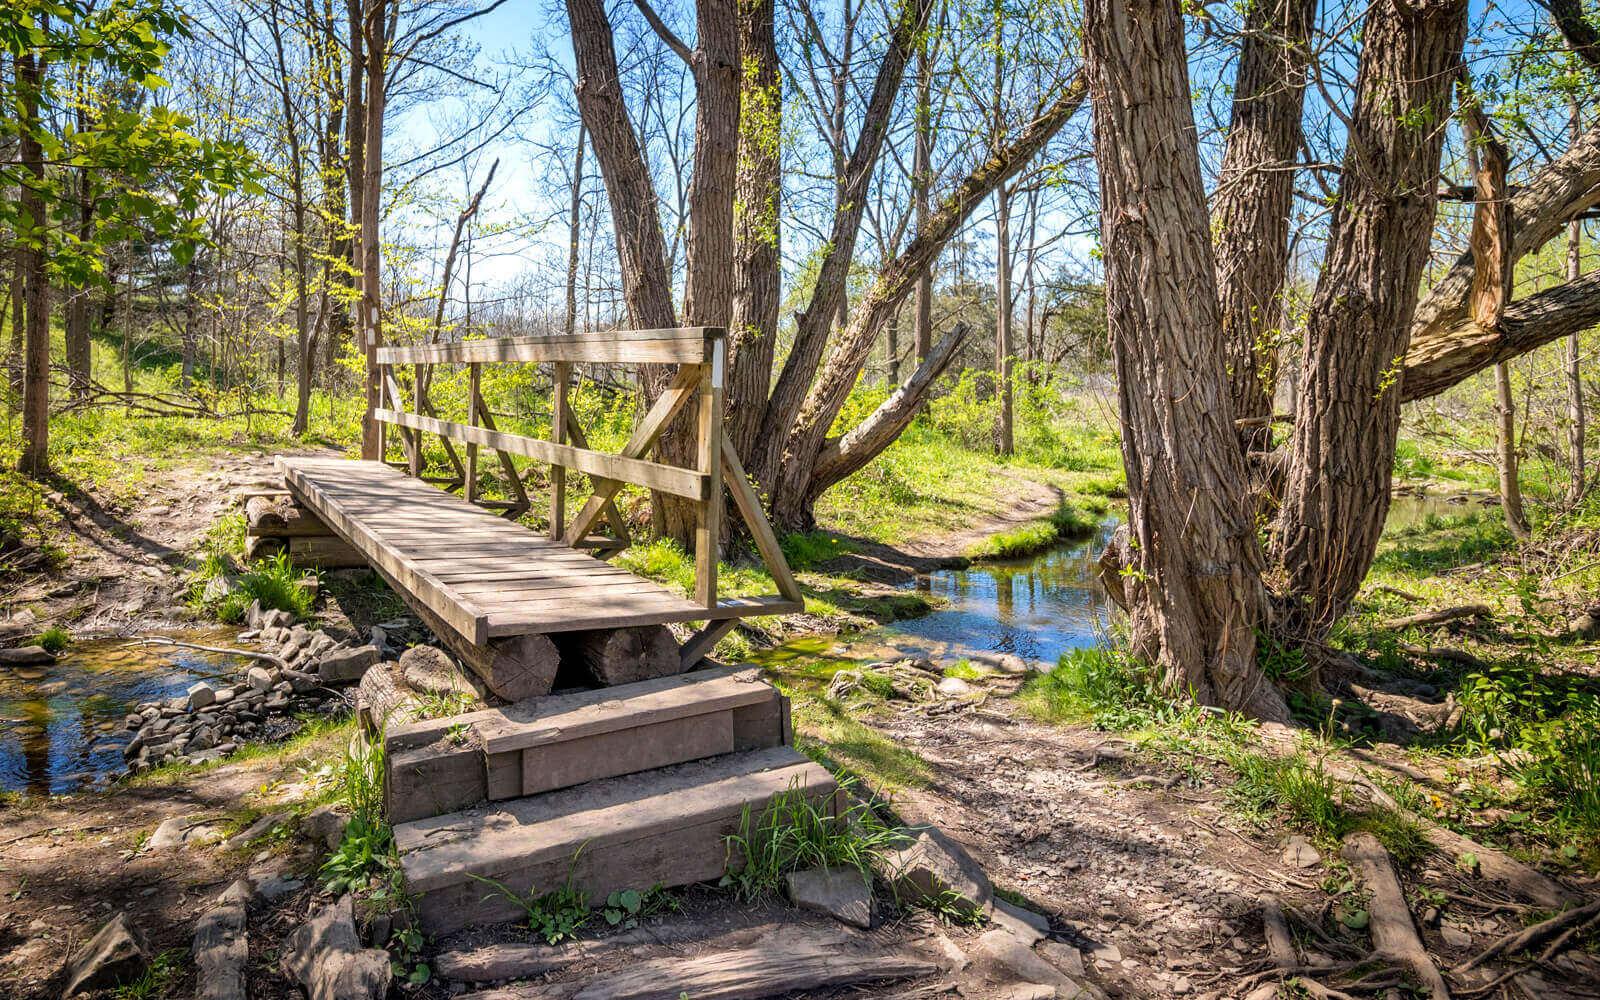 One of the Bridges in Short Hills Provincial Park :: I've Been Bit! Travel Blog